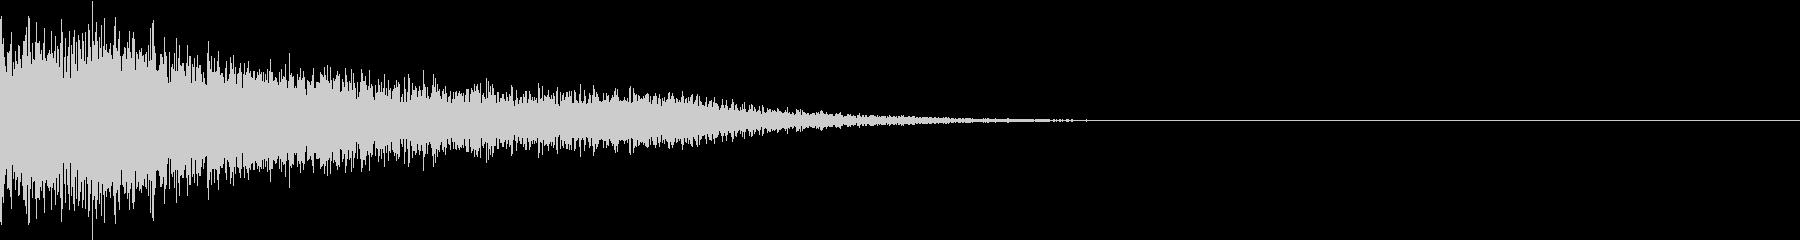 衝撃 金属音 恐怖 震撼 ホラー 02の未再生の波形